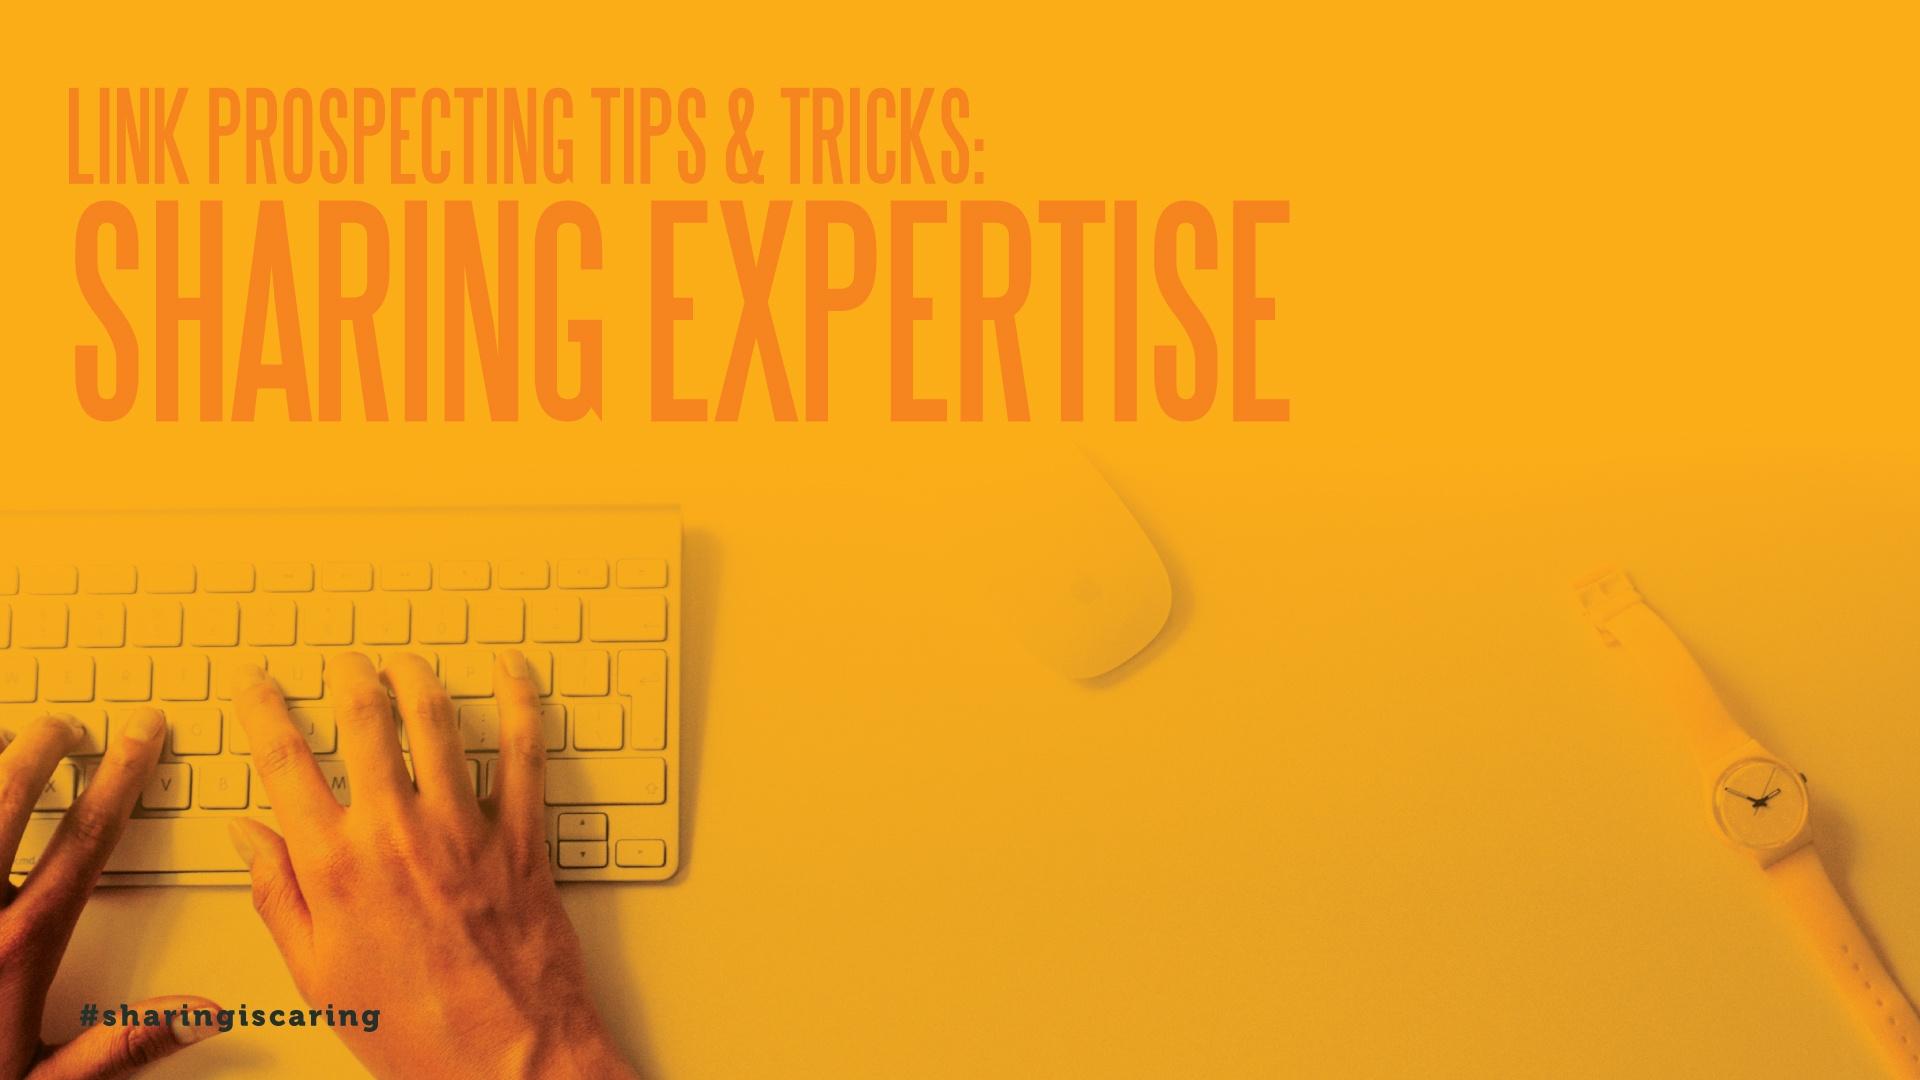 Link_Prospecting_Sharing_Expertise.jpg